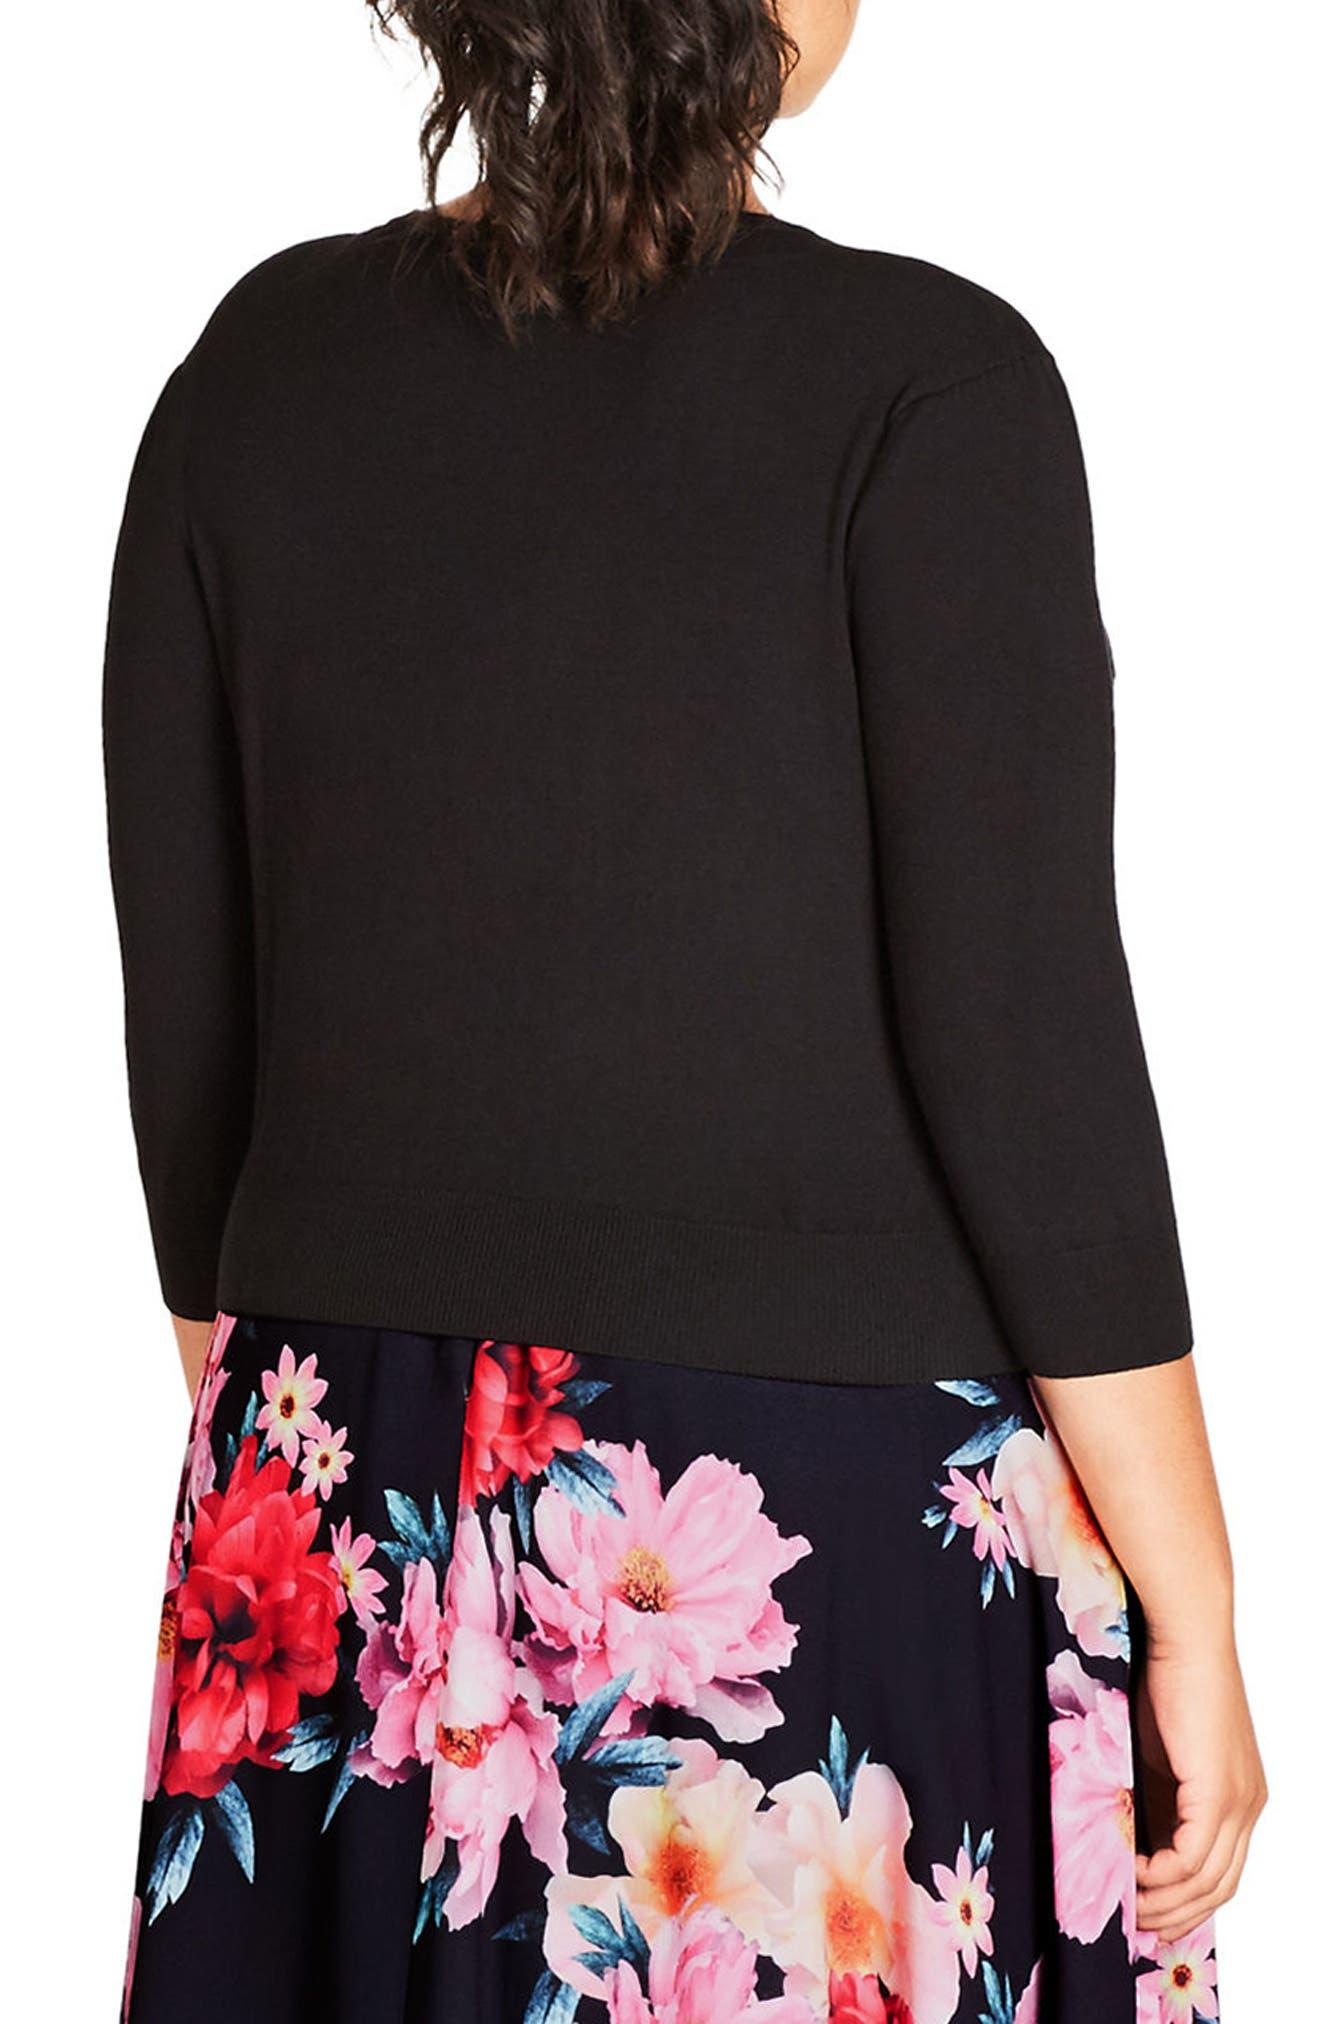 Alternate Image 2  - City Chic Baroque Lace Trim Button Cardigan (Plus Size)